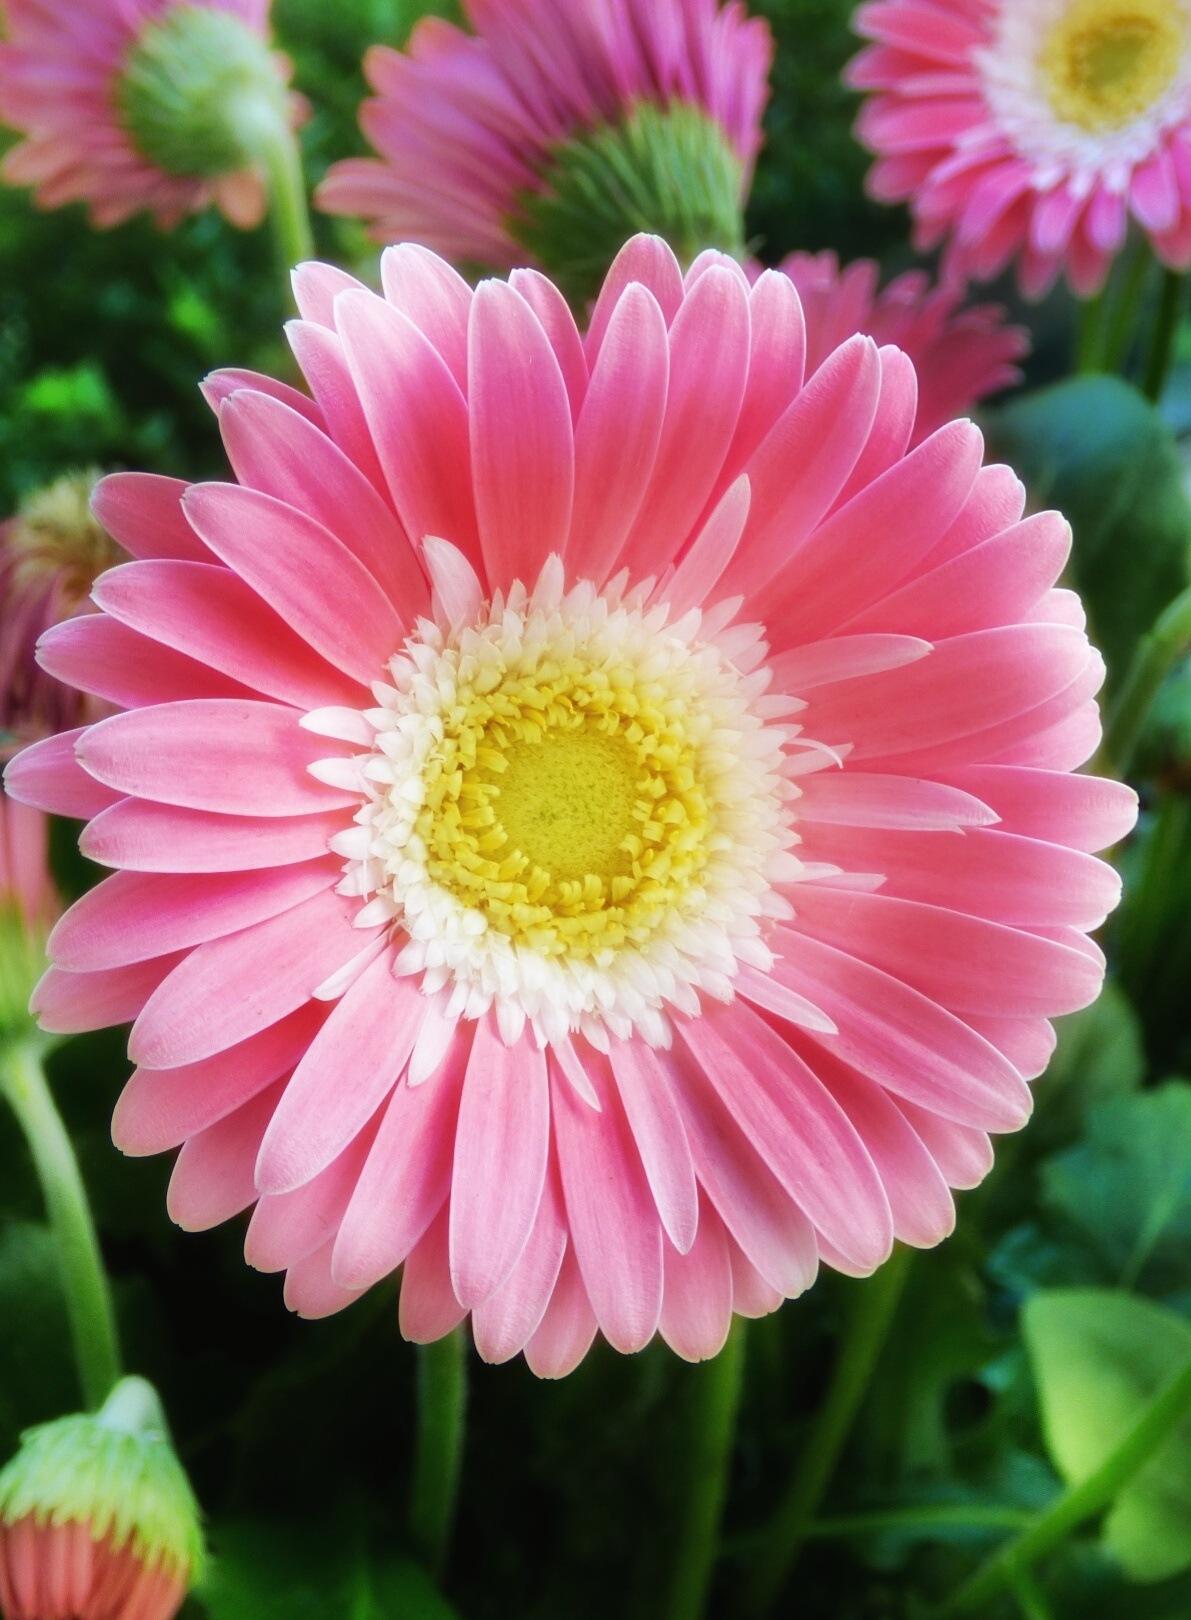 FLOWER by Věra Blechová